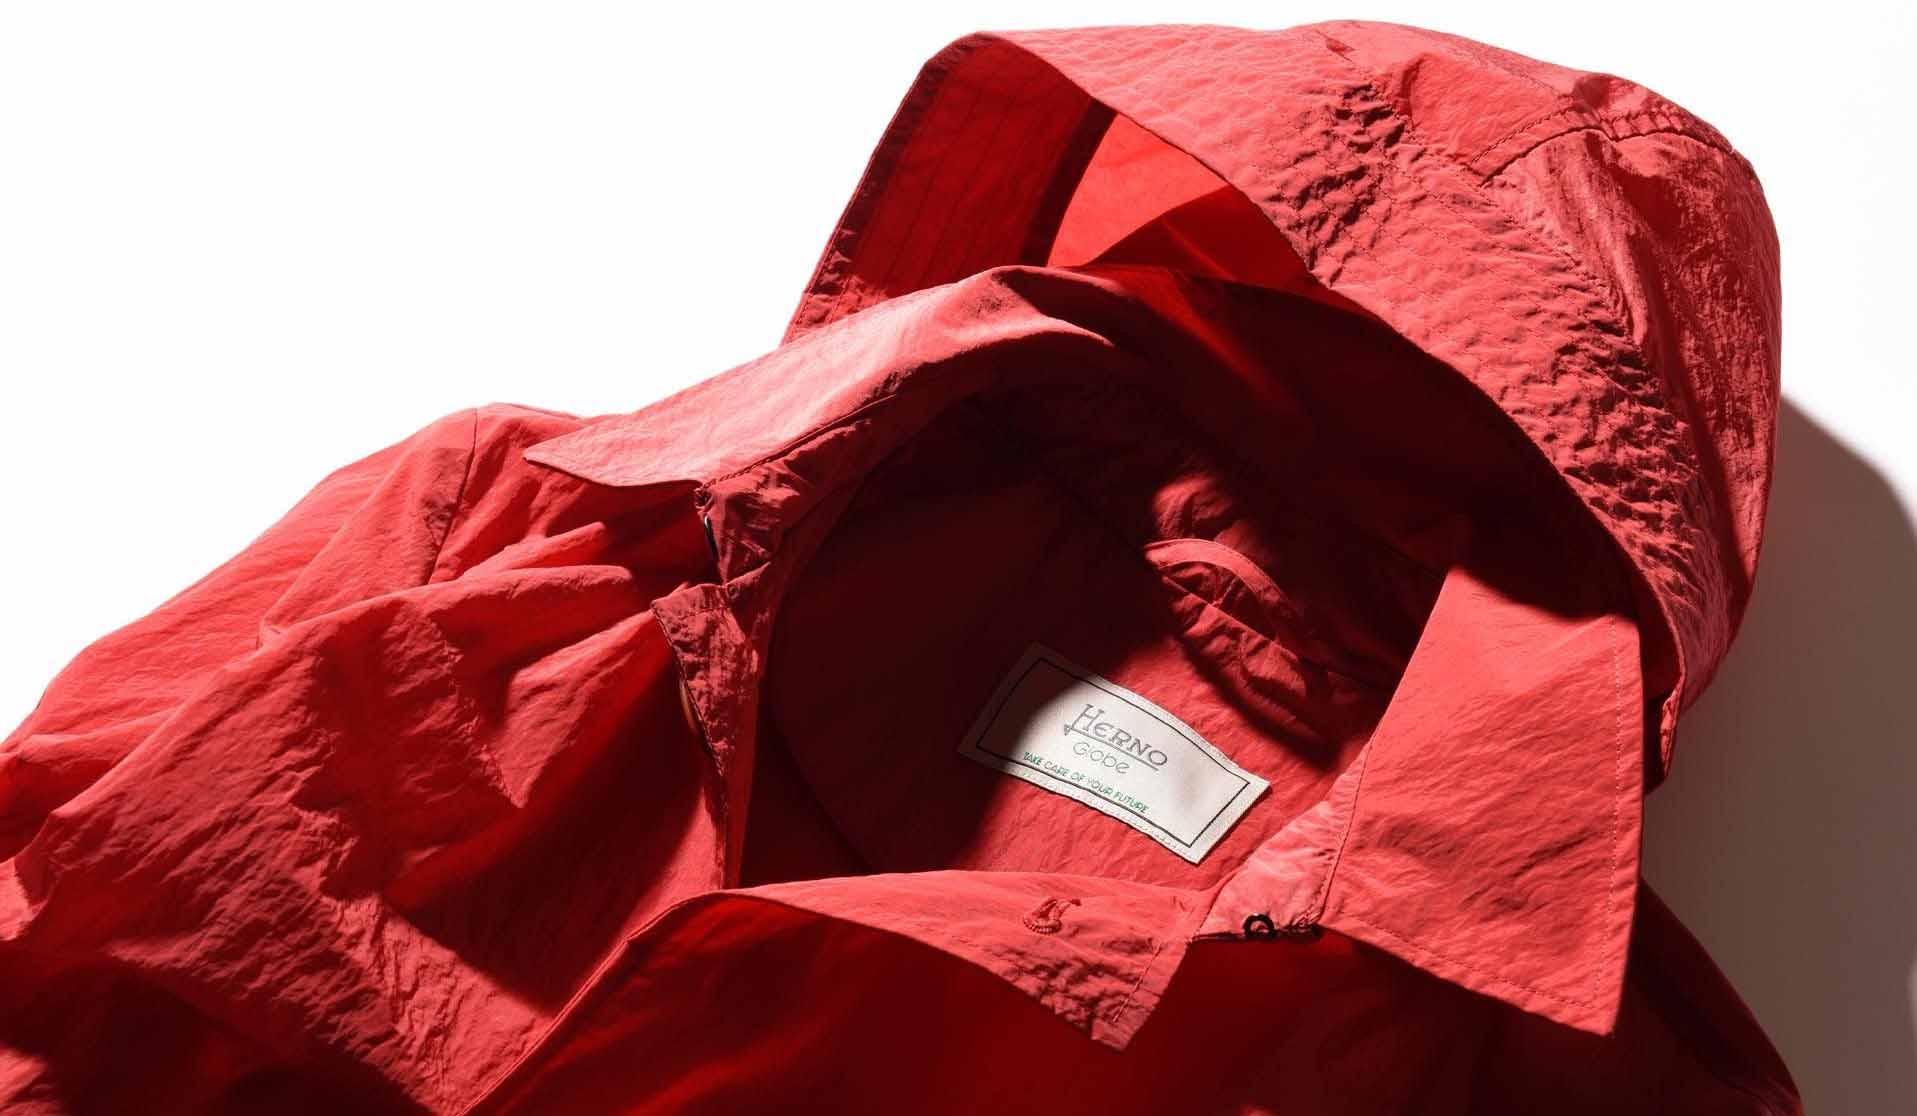 ヘルノのリサイクルナイロン製のスプリングコート